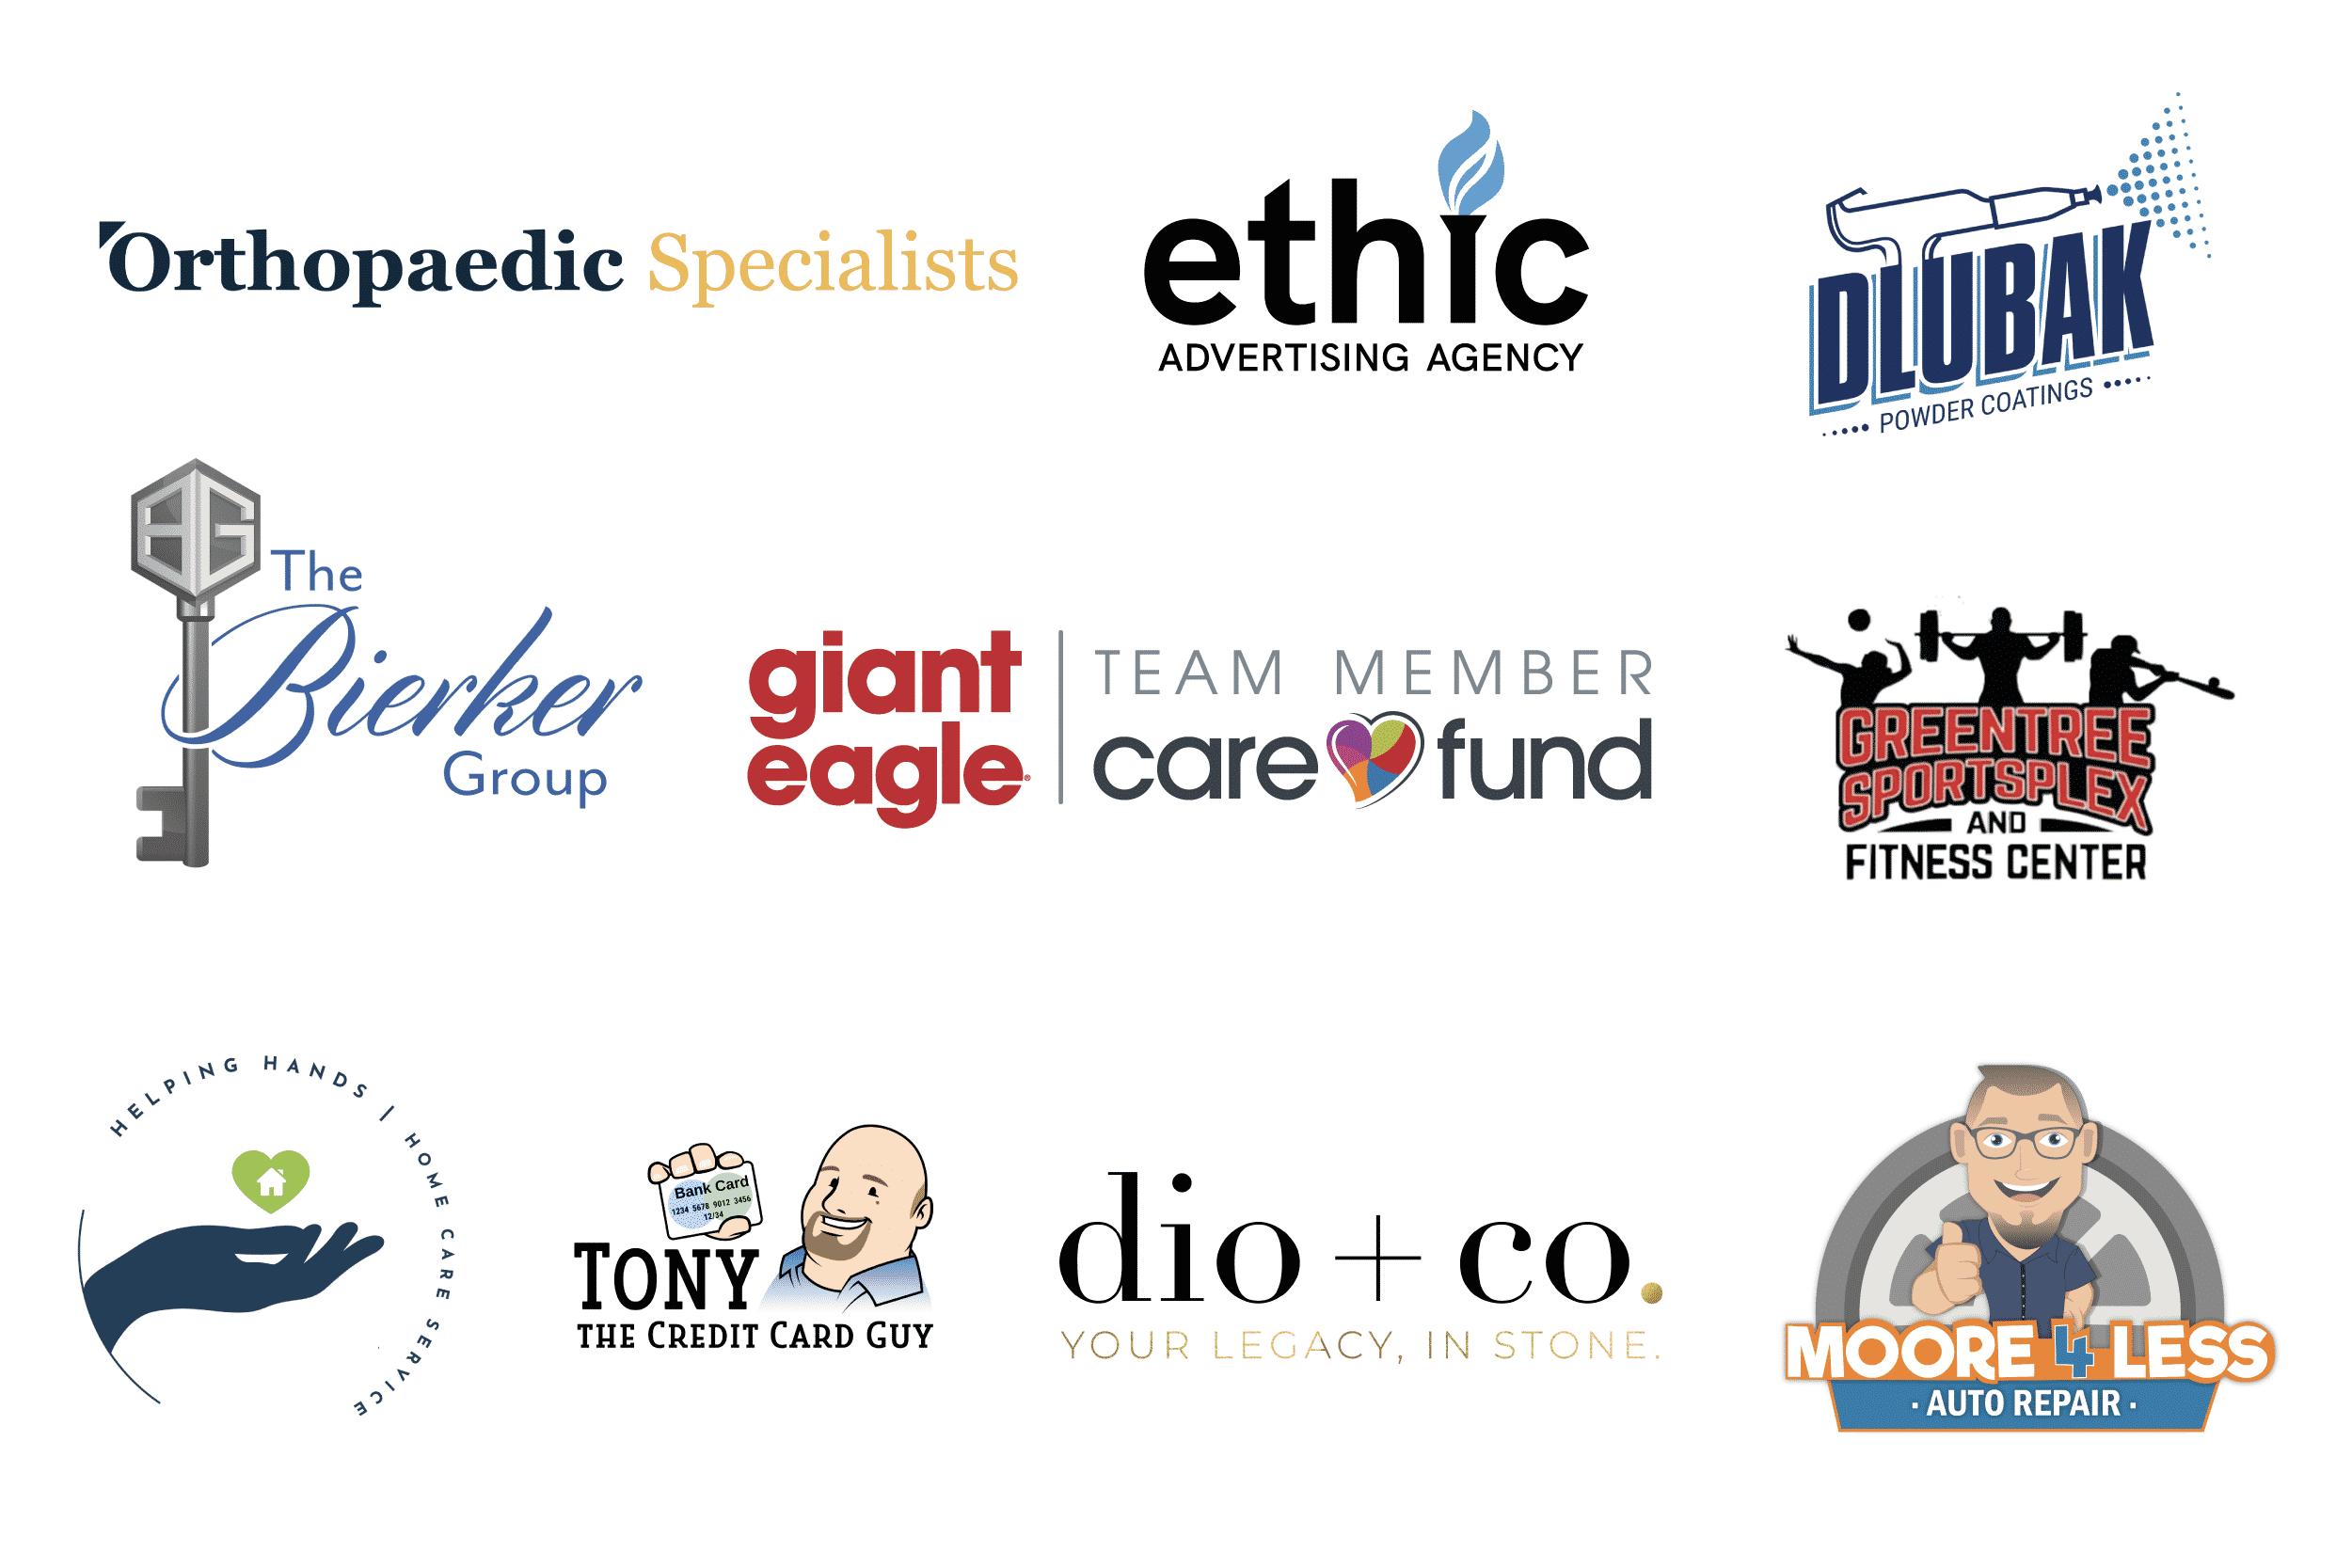 Ethic advertising agency Logo design samples